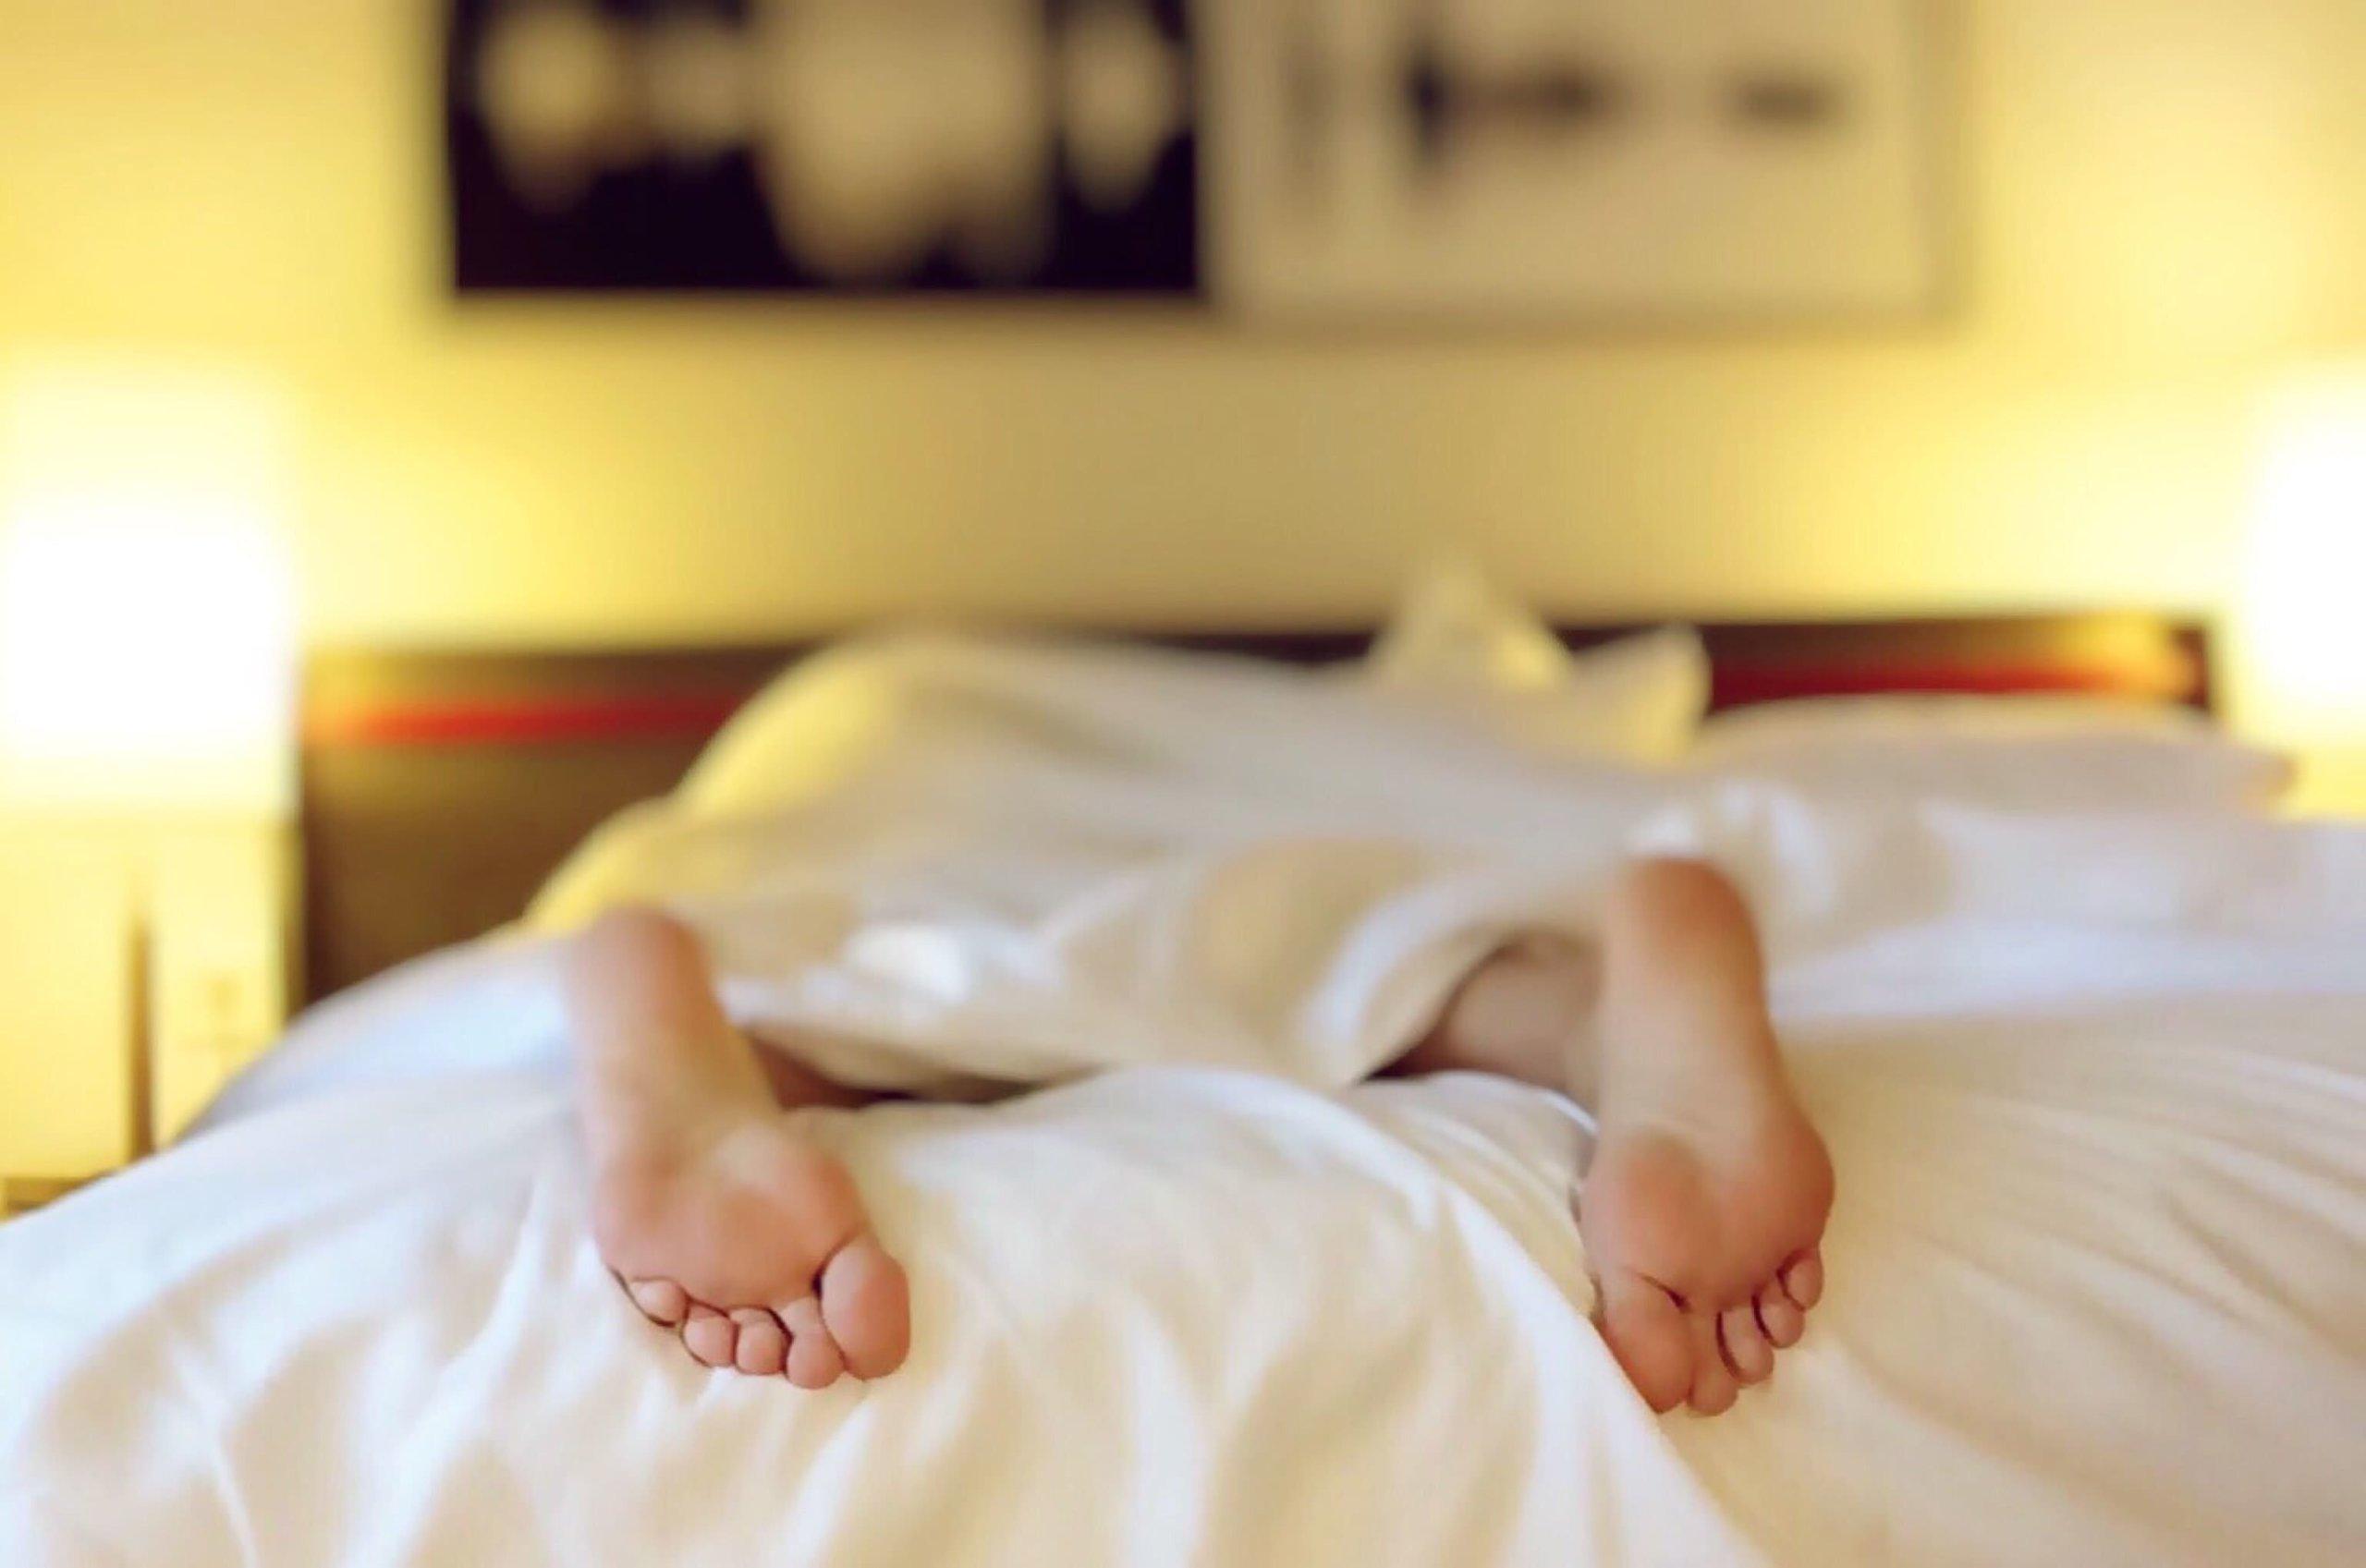 ベッドからはみ出る足